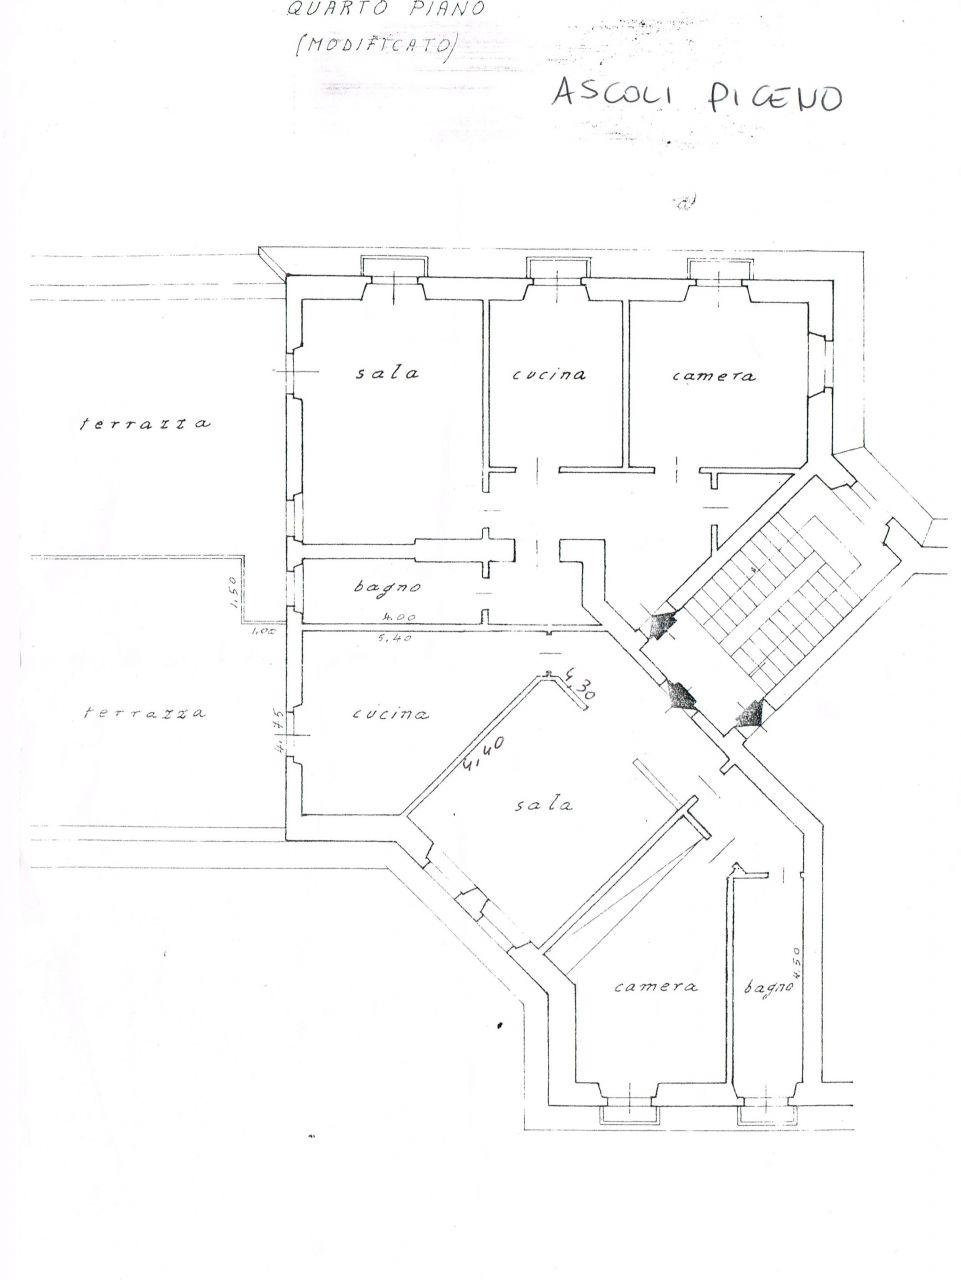 Appartamento in vendita a Ascoli Piceno, 9999 locali, zona Località: CampoParignano, prezzo € 400.000 | Cambio Casa.it